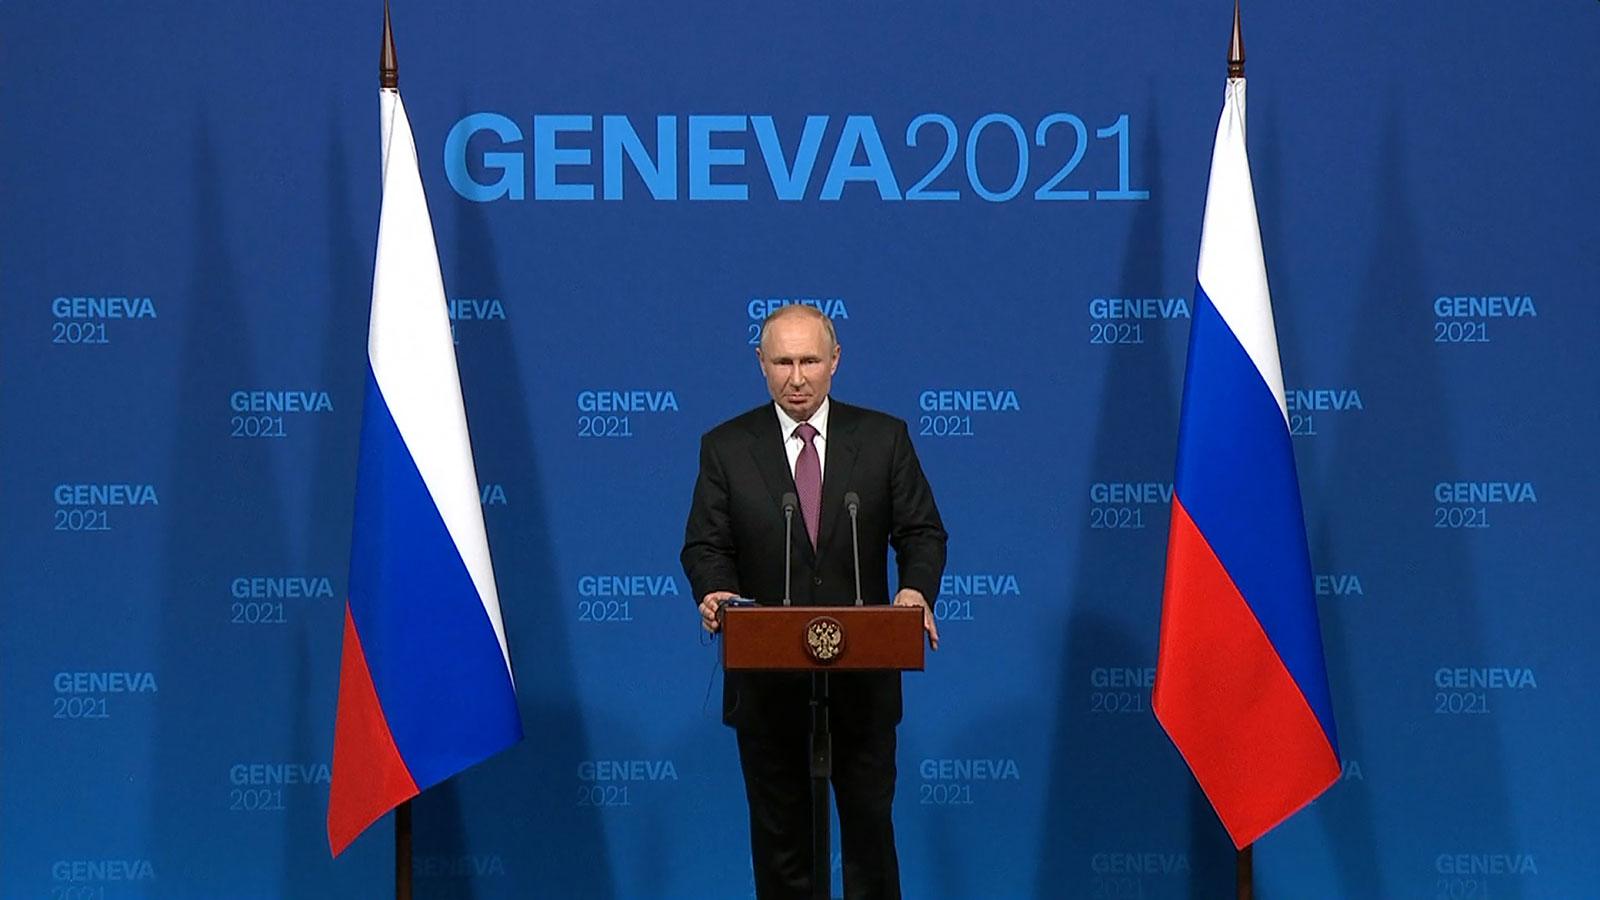 Biden-Putin summit ends in Geneva, Switzerland: here's what we know